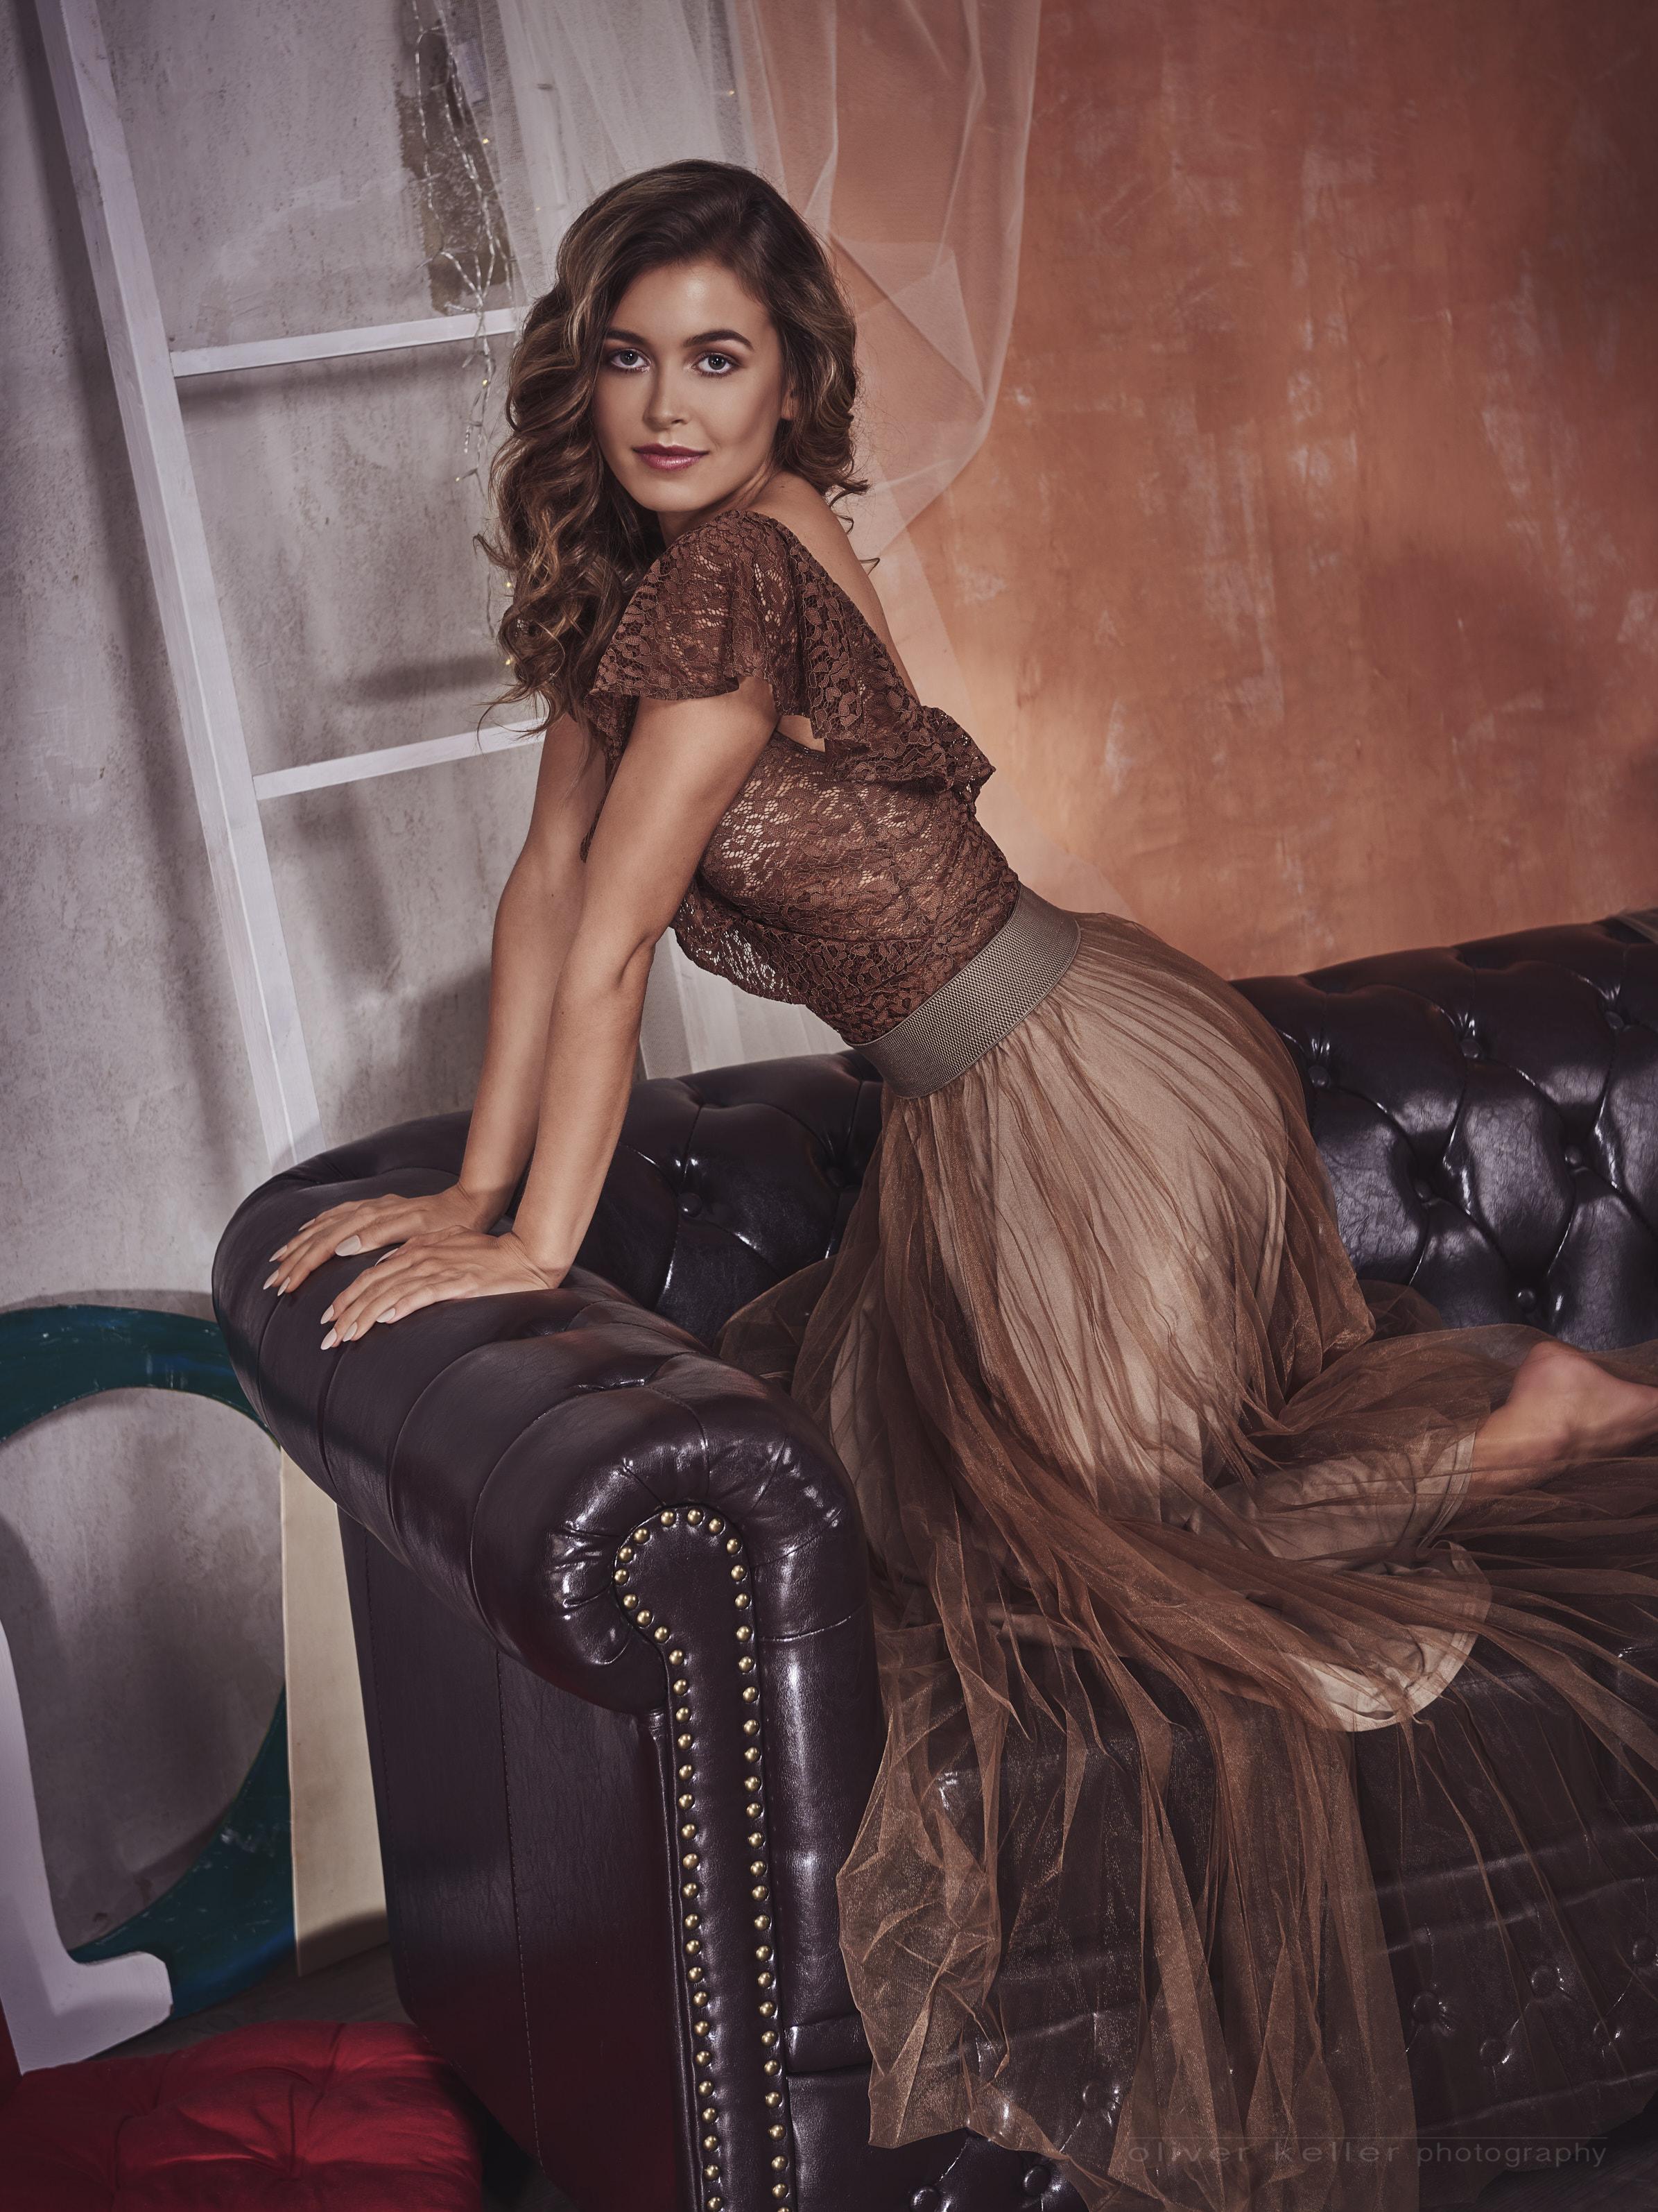 2018-11-27-sensual-feminin-Cheyenne25849.jpg